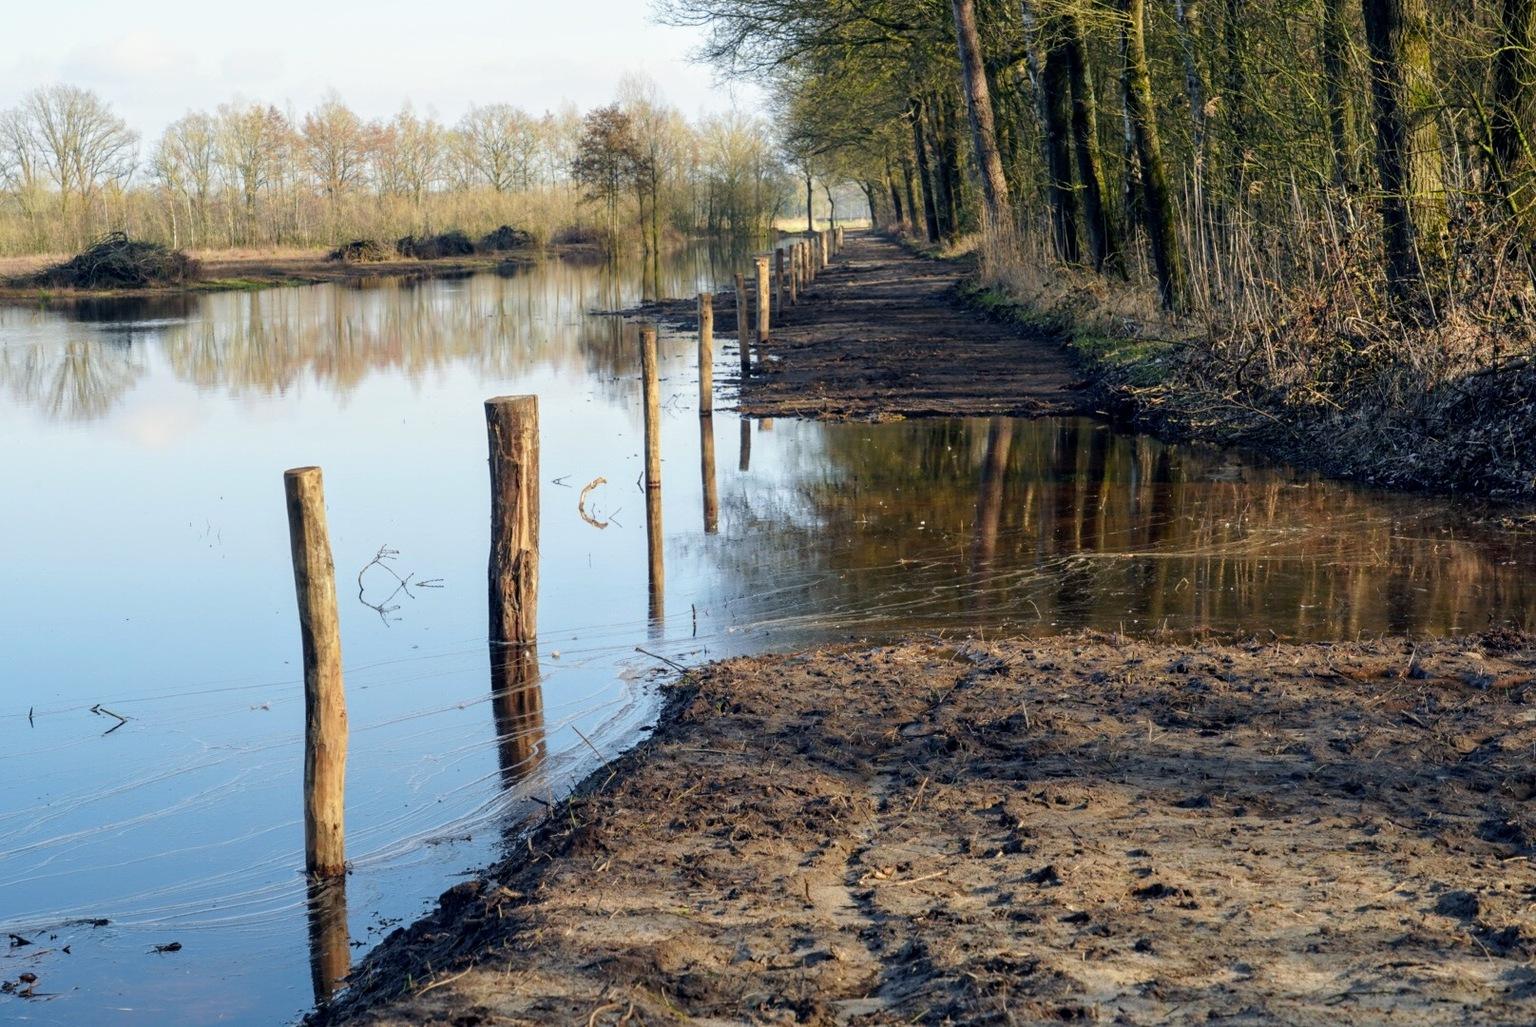 Kampina - Vroeg voor jaar in de Kampina - foto door Frenk2021 op 11-04-2021 - locatie: Oirschot, Nederland - deze foto bevat: water, fabriek, watervoorraden, lucht, boom, natuurlijk landschap, natuurlijke omgeving, fluviatiele landvormen van beken, hout, meer